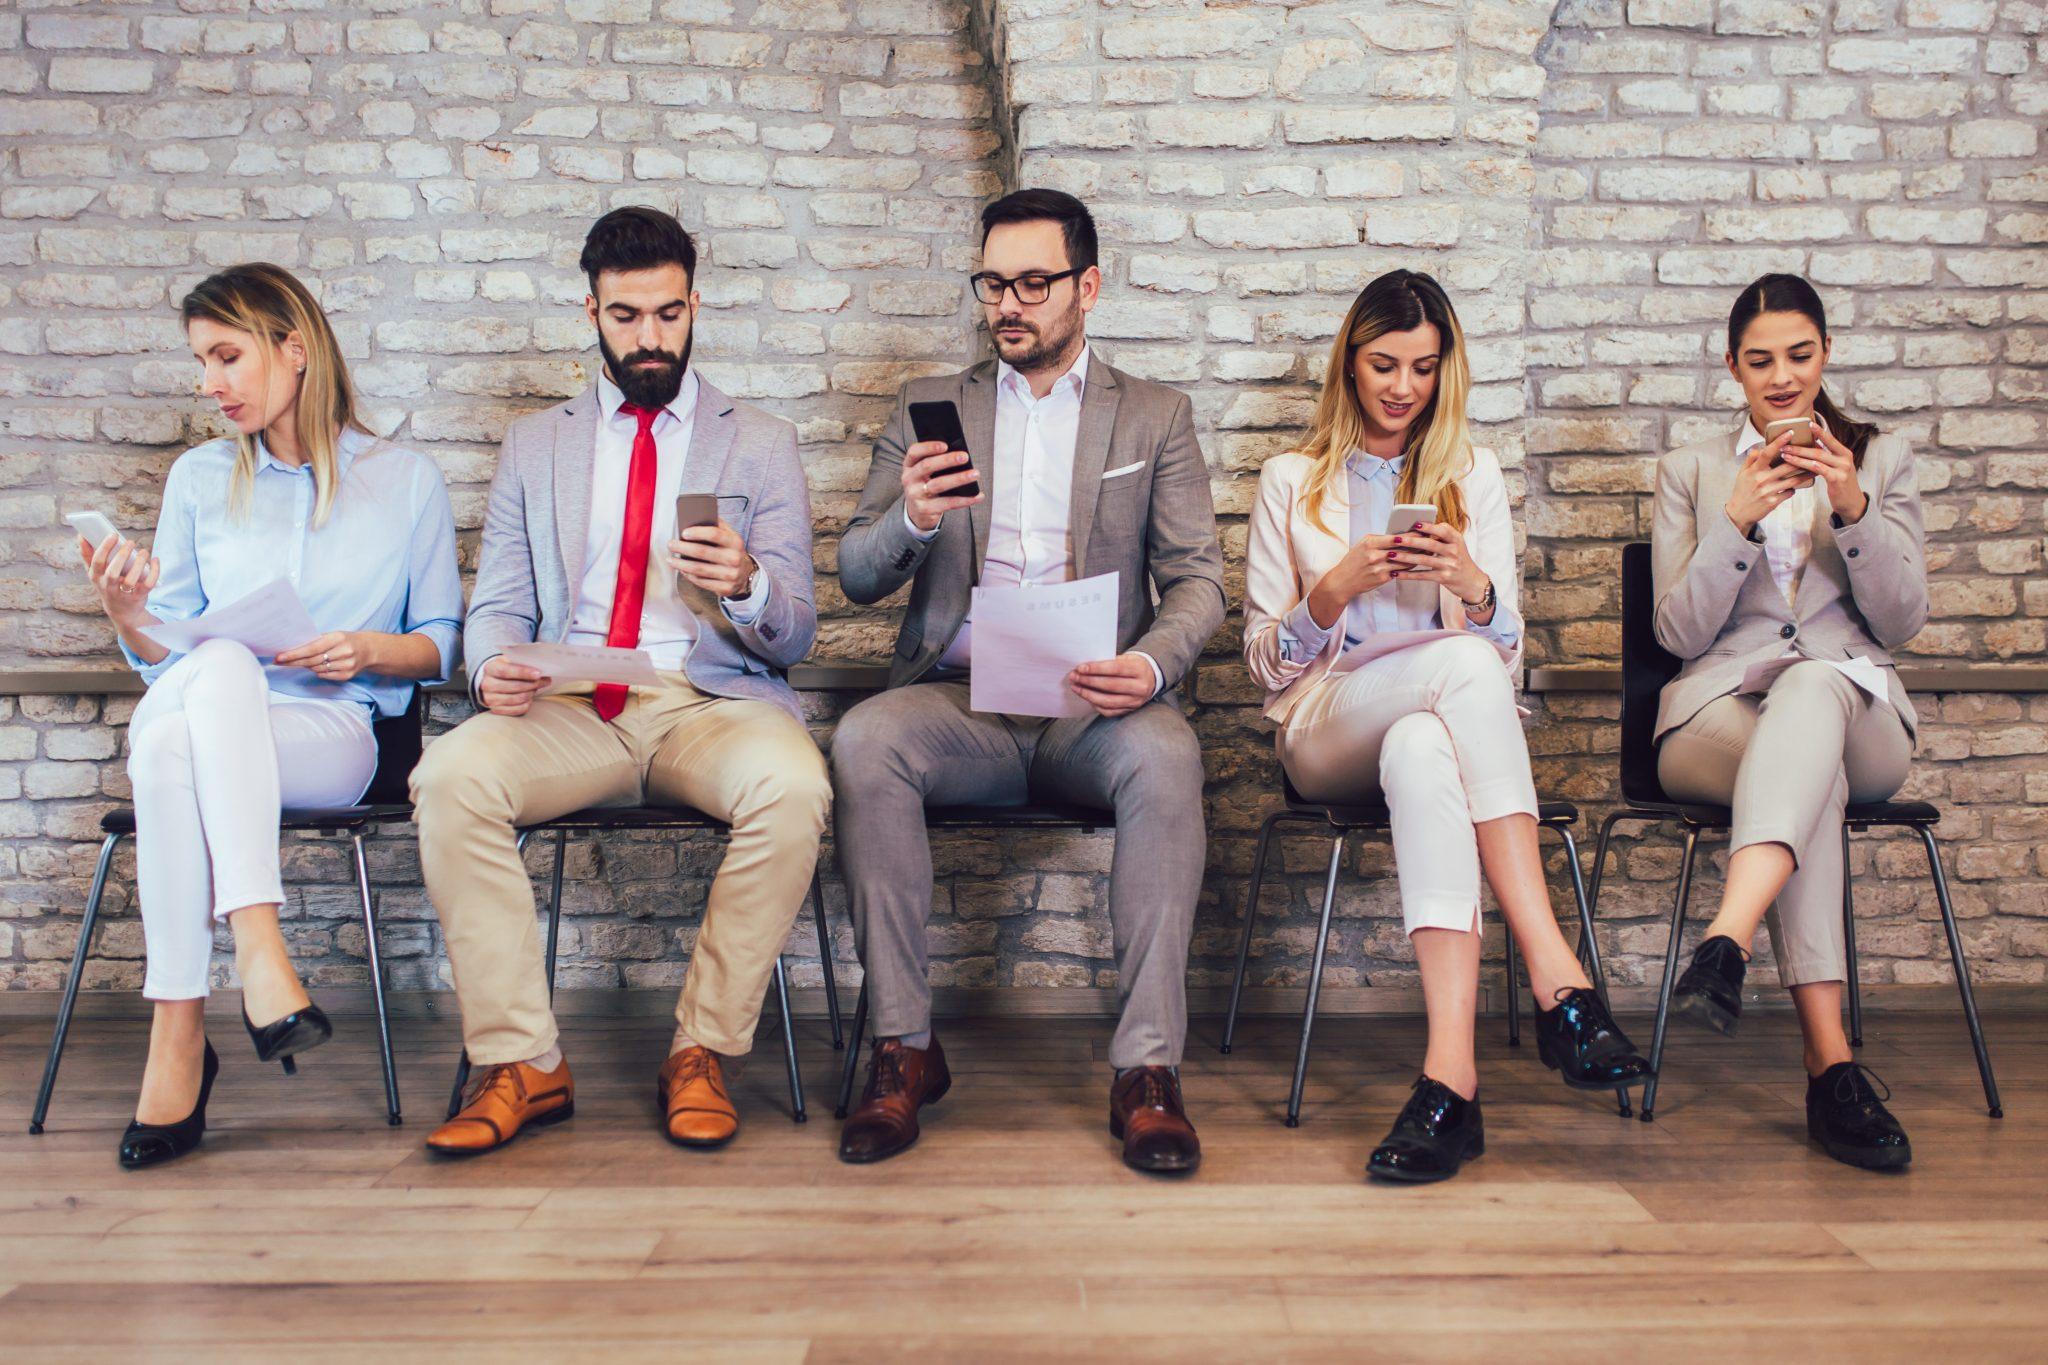 Jak przygotować się dorozmowy kwalifikacyjnej online?